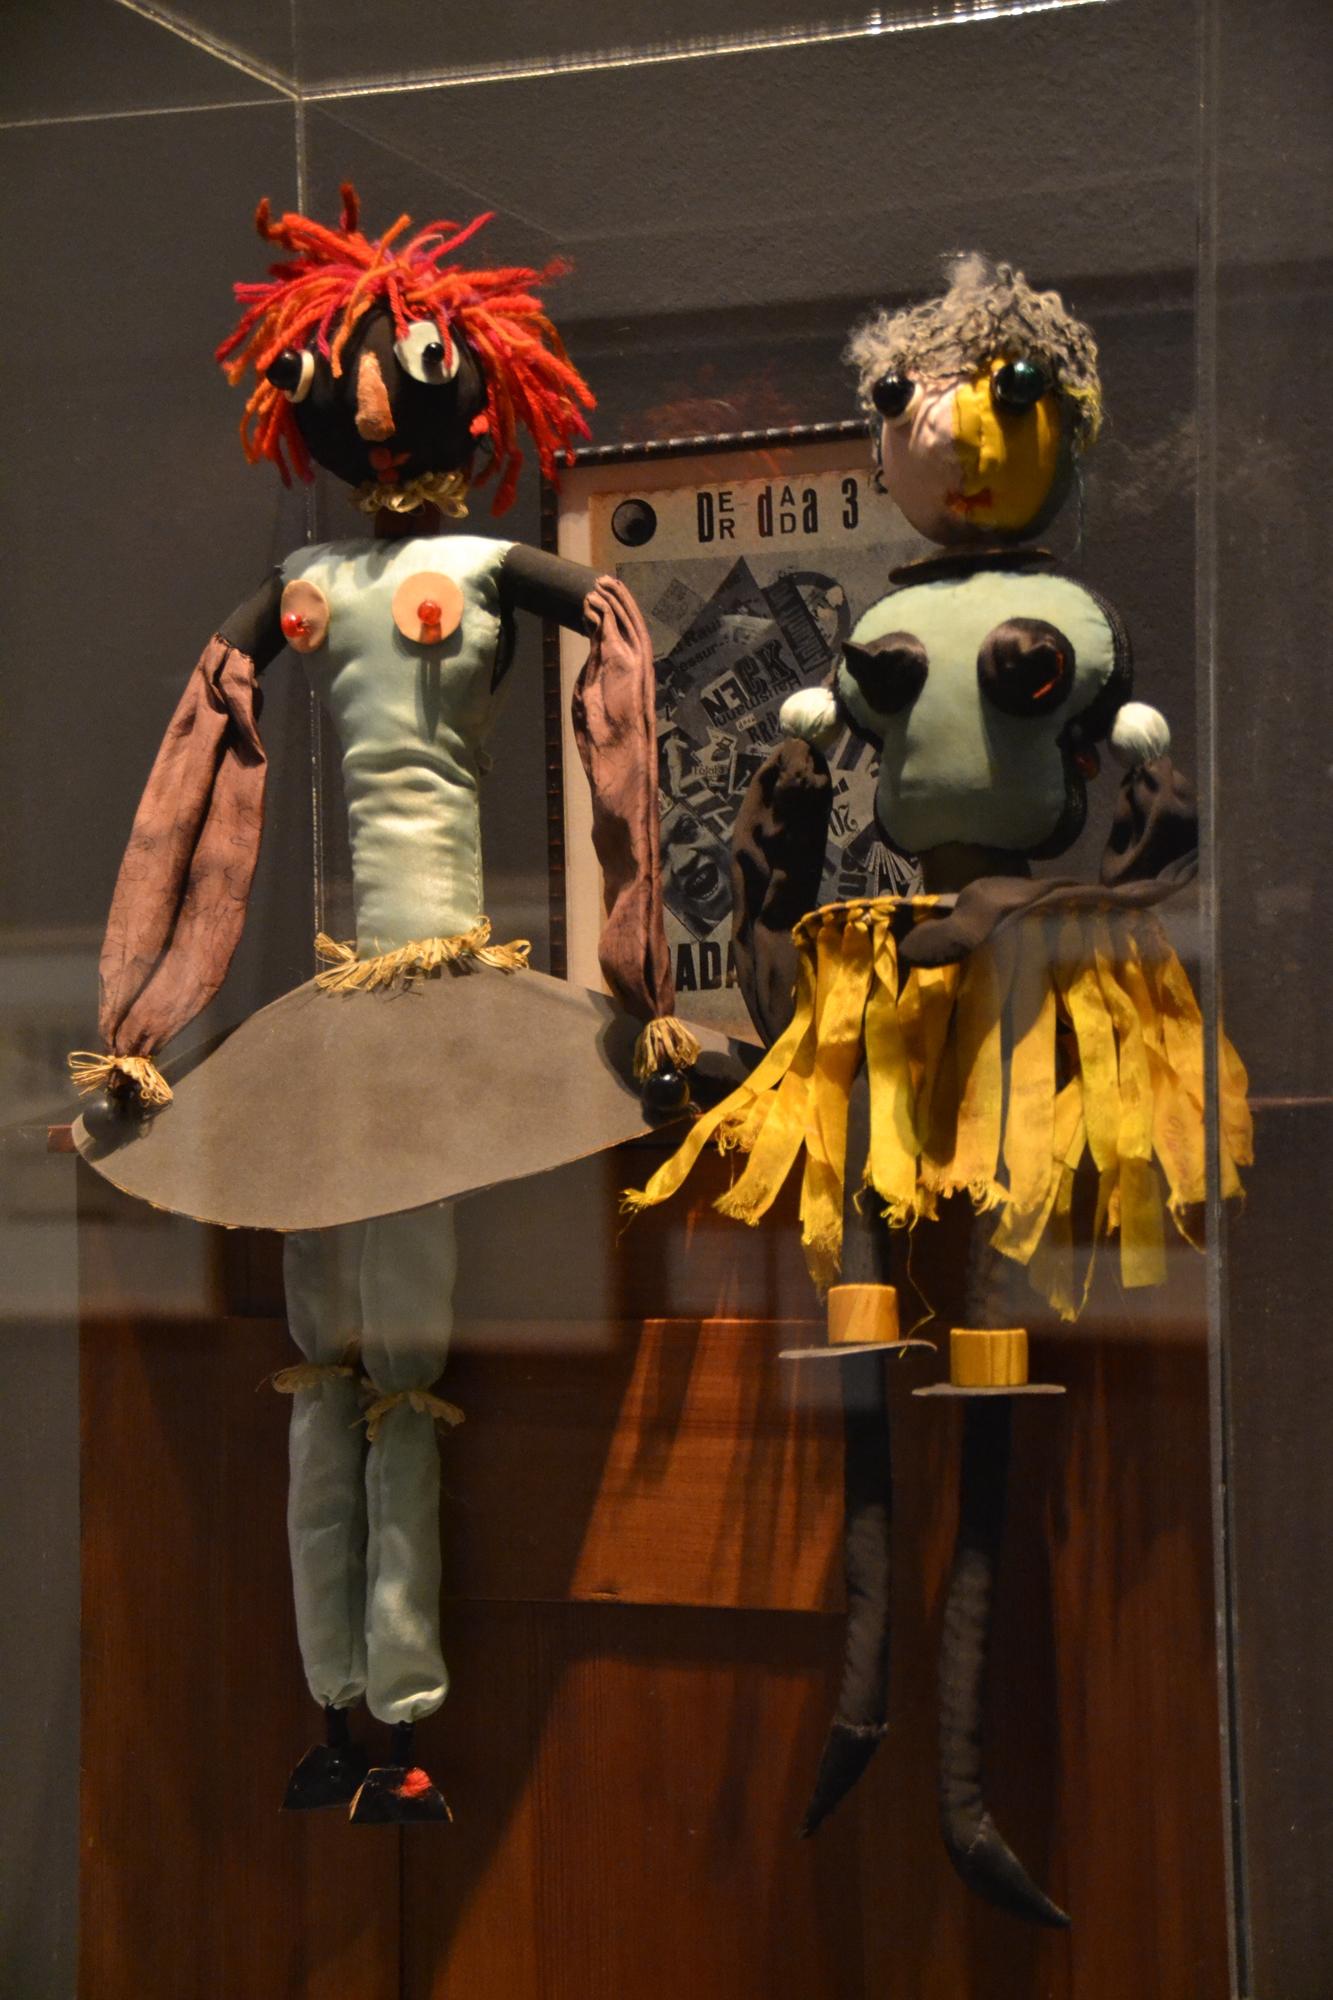 Hanna Hoech_Dada-Puppen, 1916-17_Berlinische Galrie